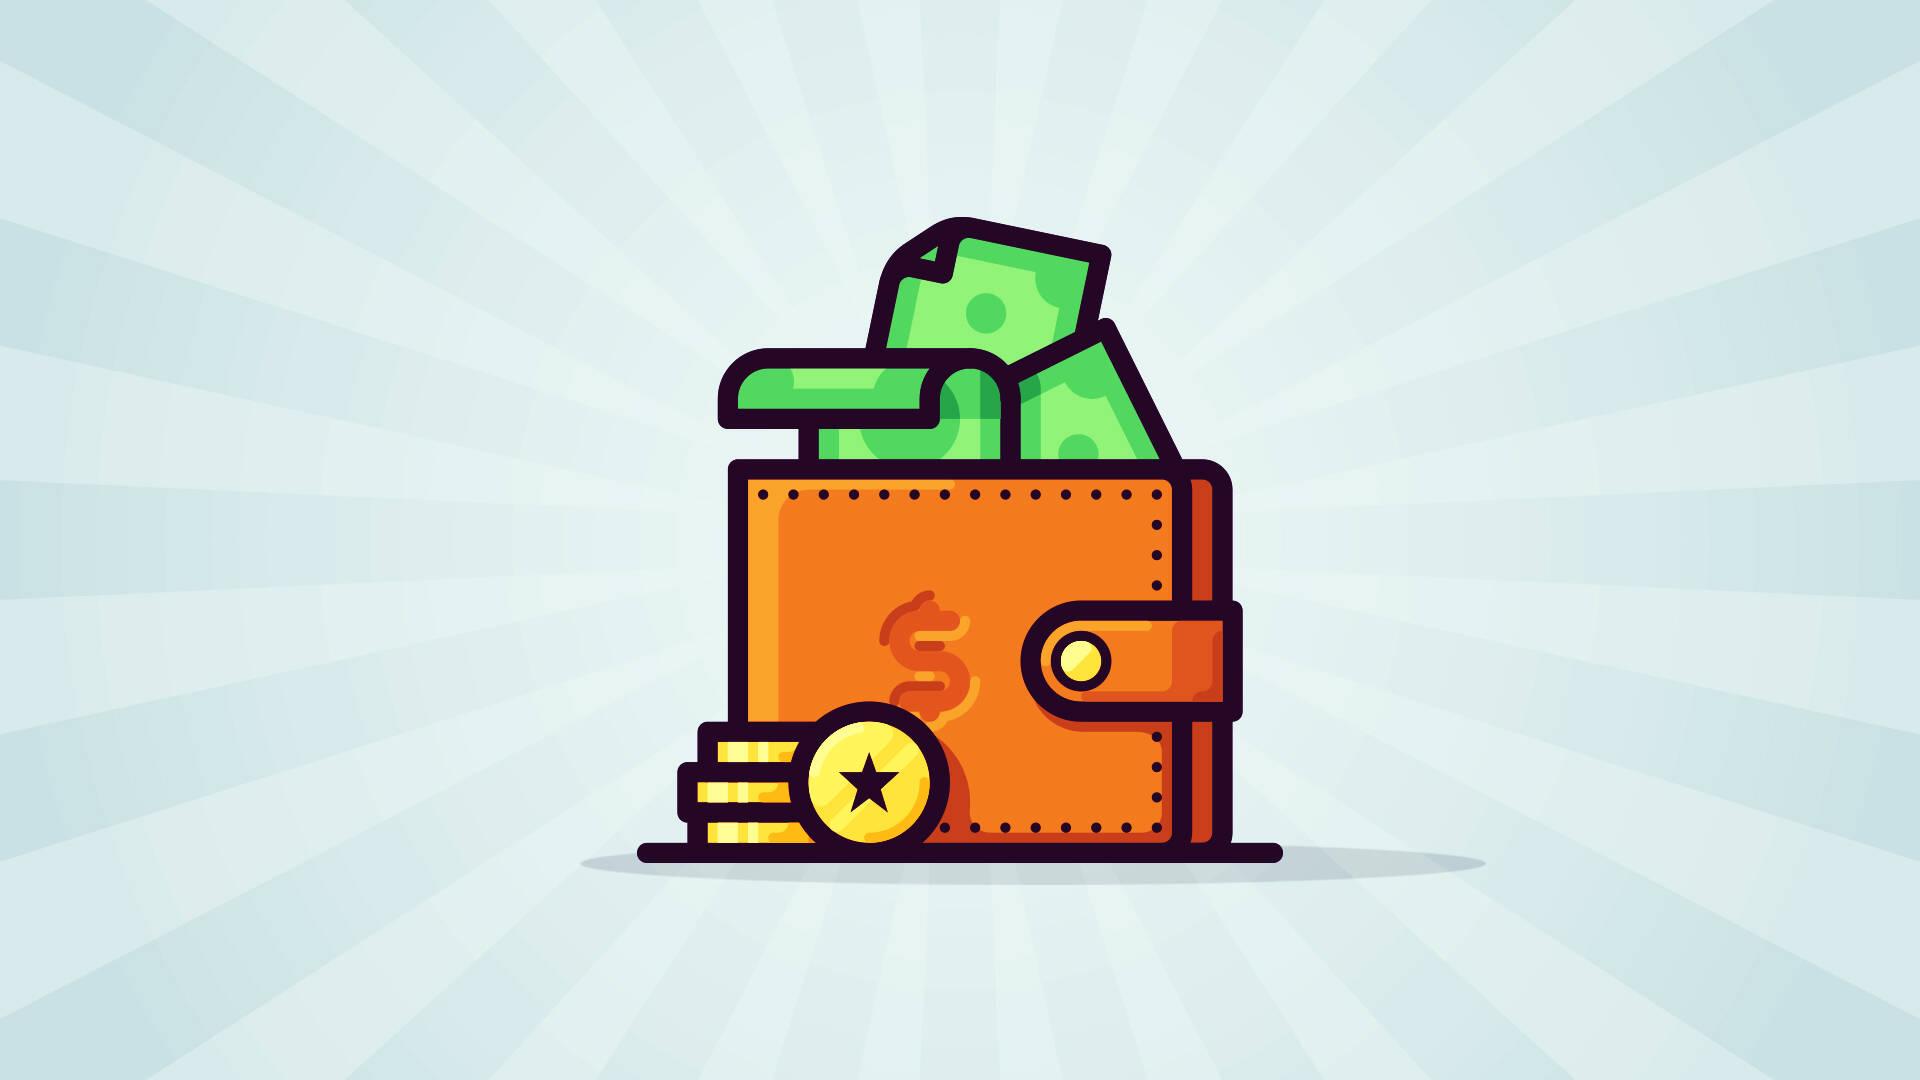 Organização financeira: por que é tão difícil colocar em prática?